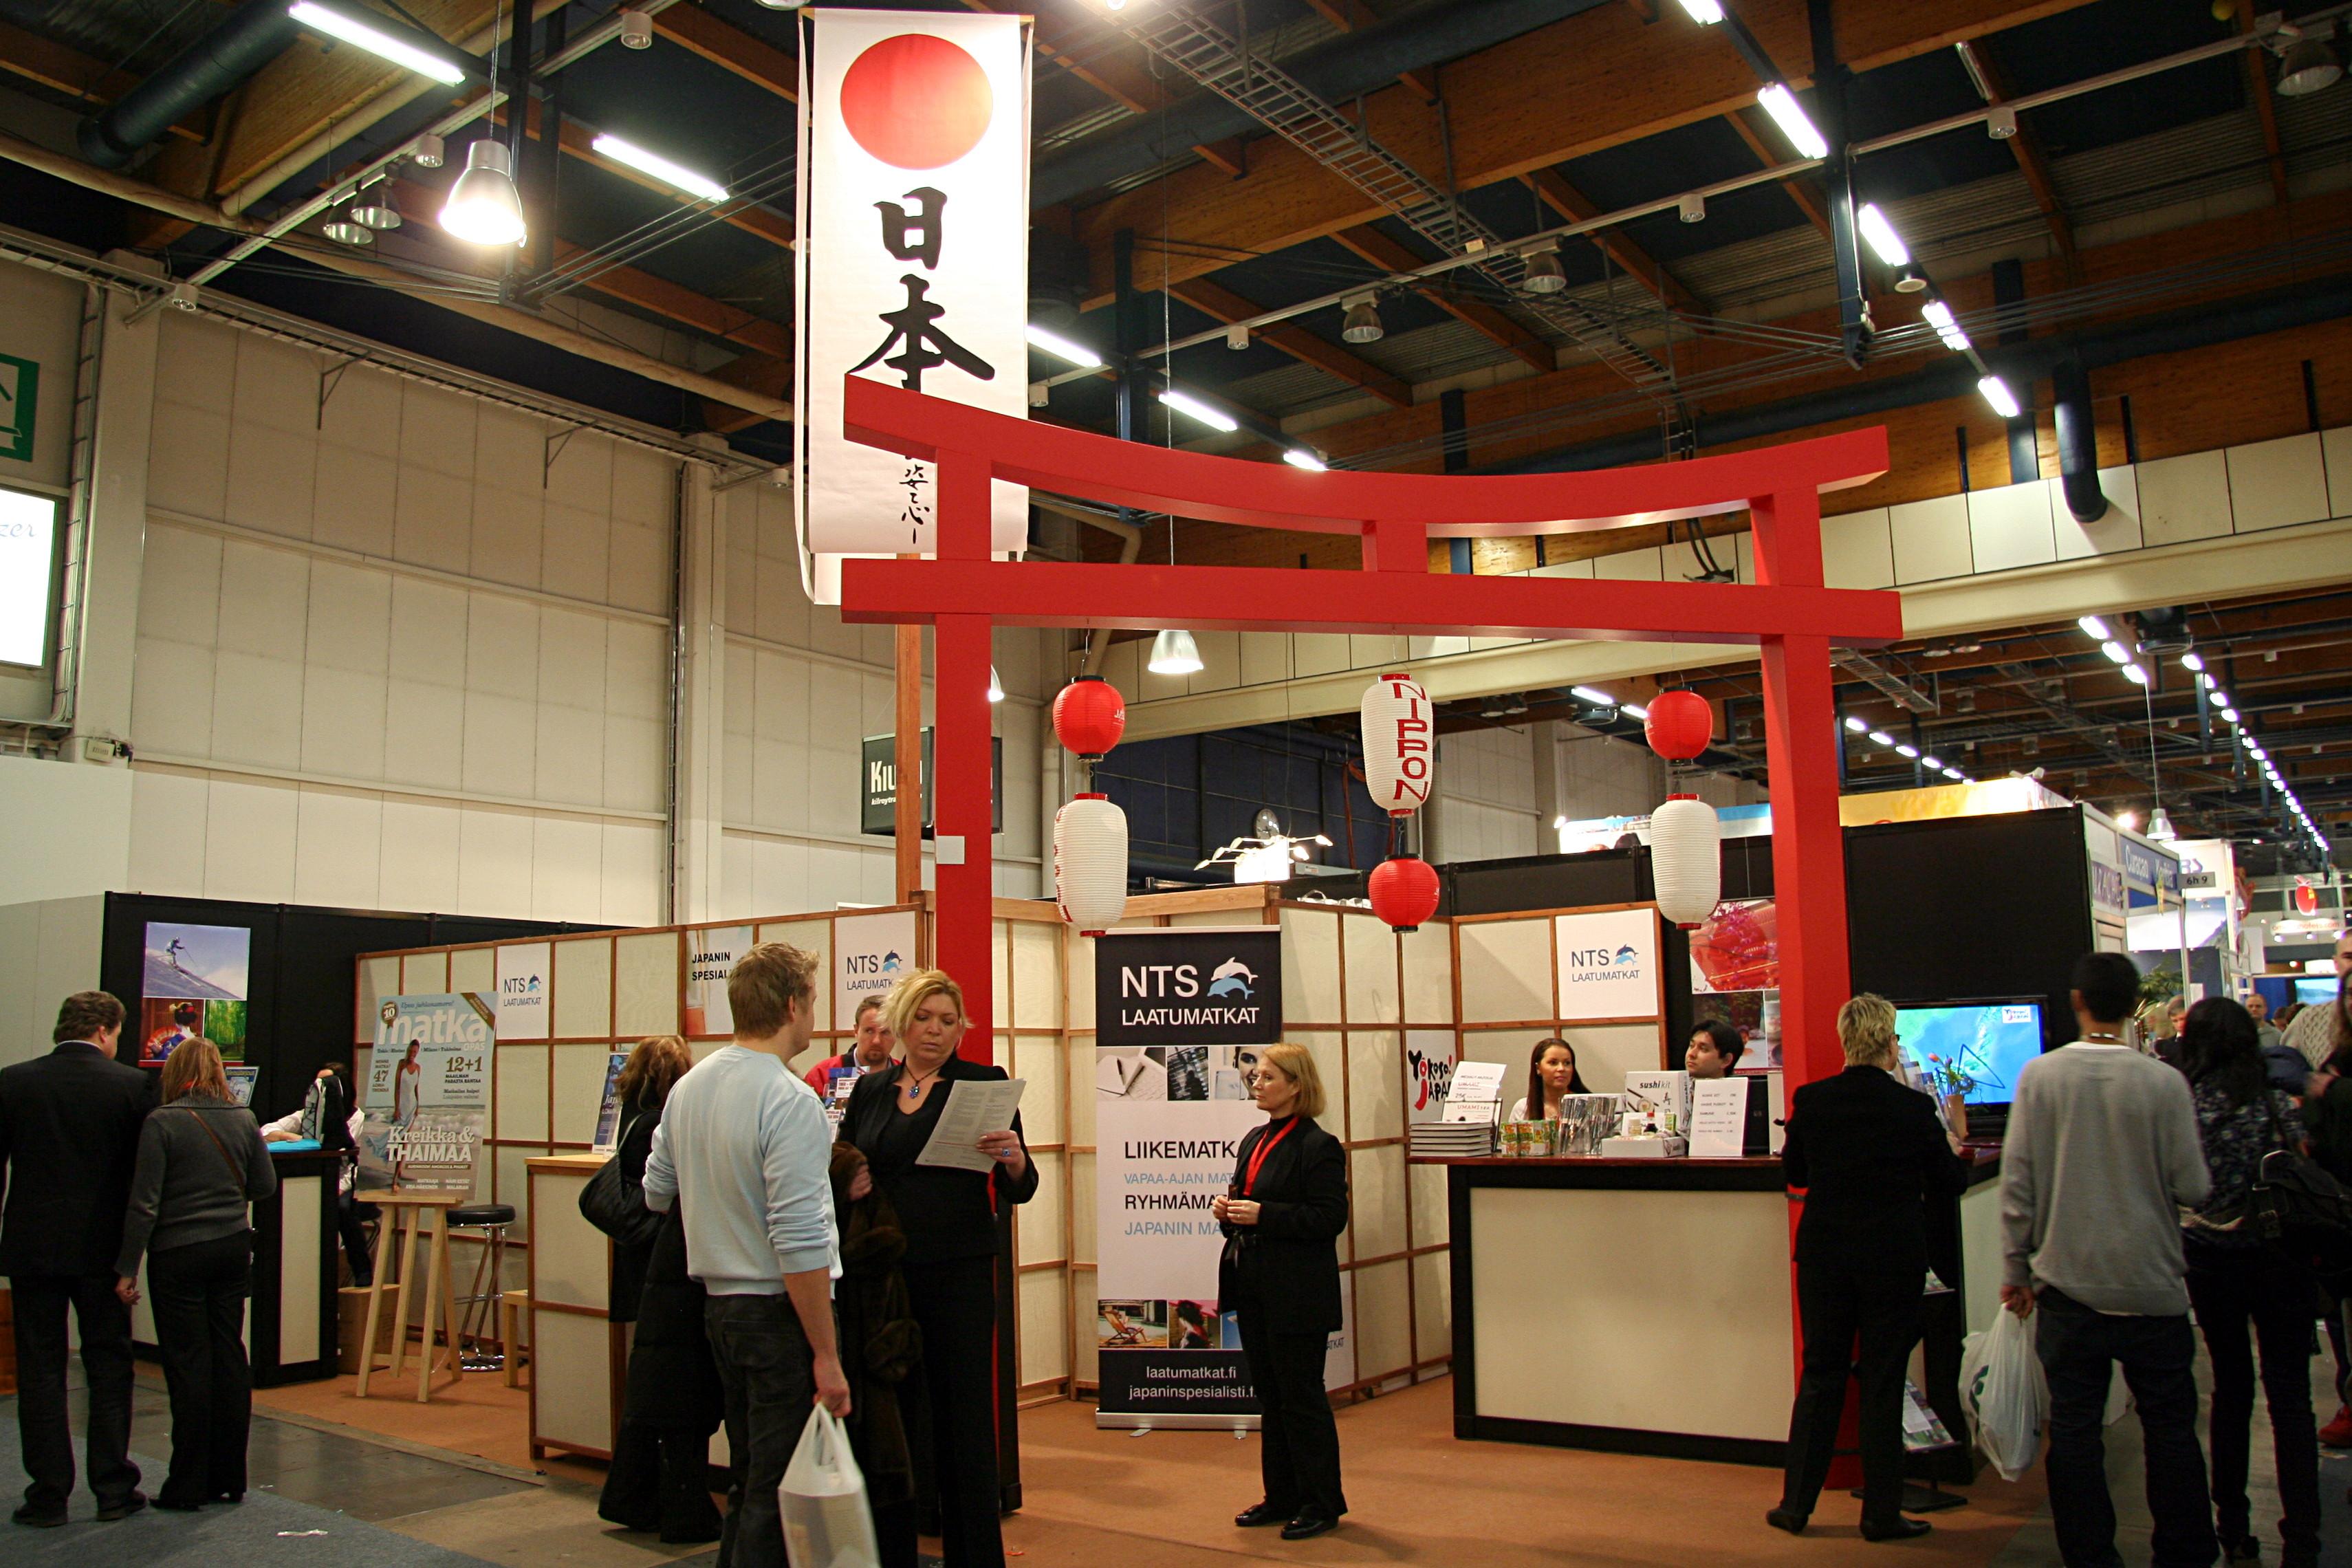 Exhibition Booth Japan : Arto teräs japani matkamessuilla helsingin